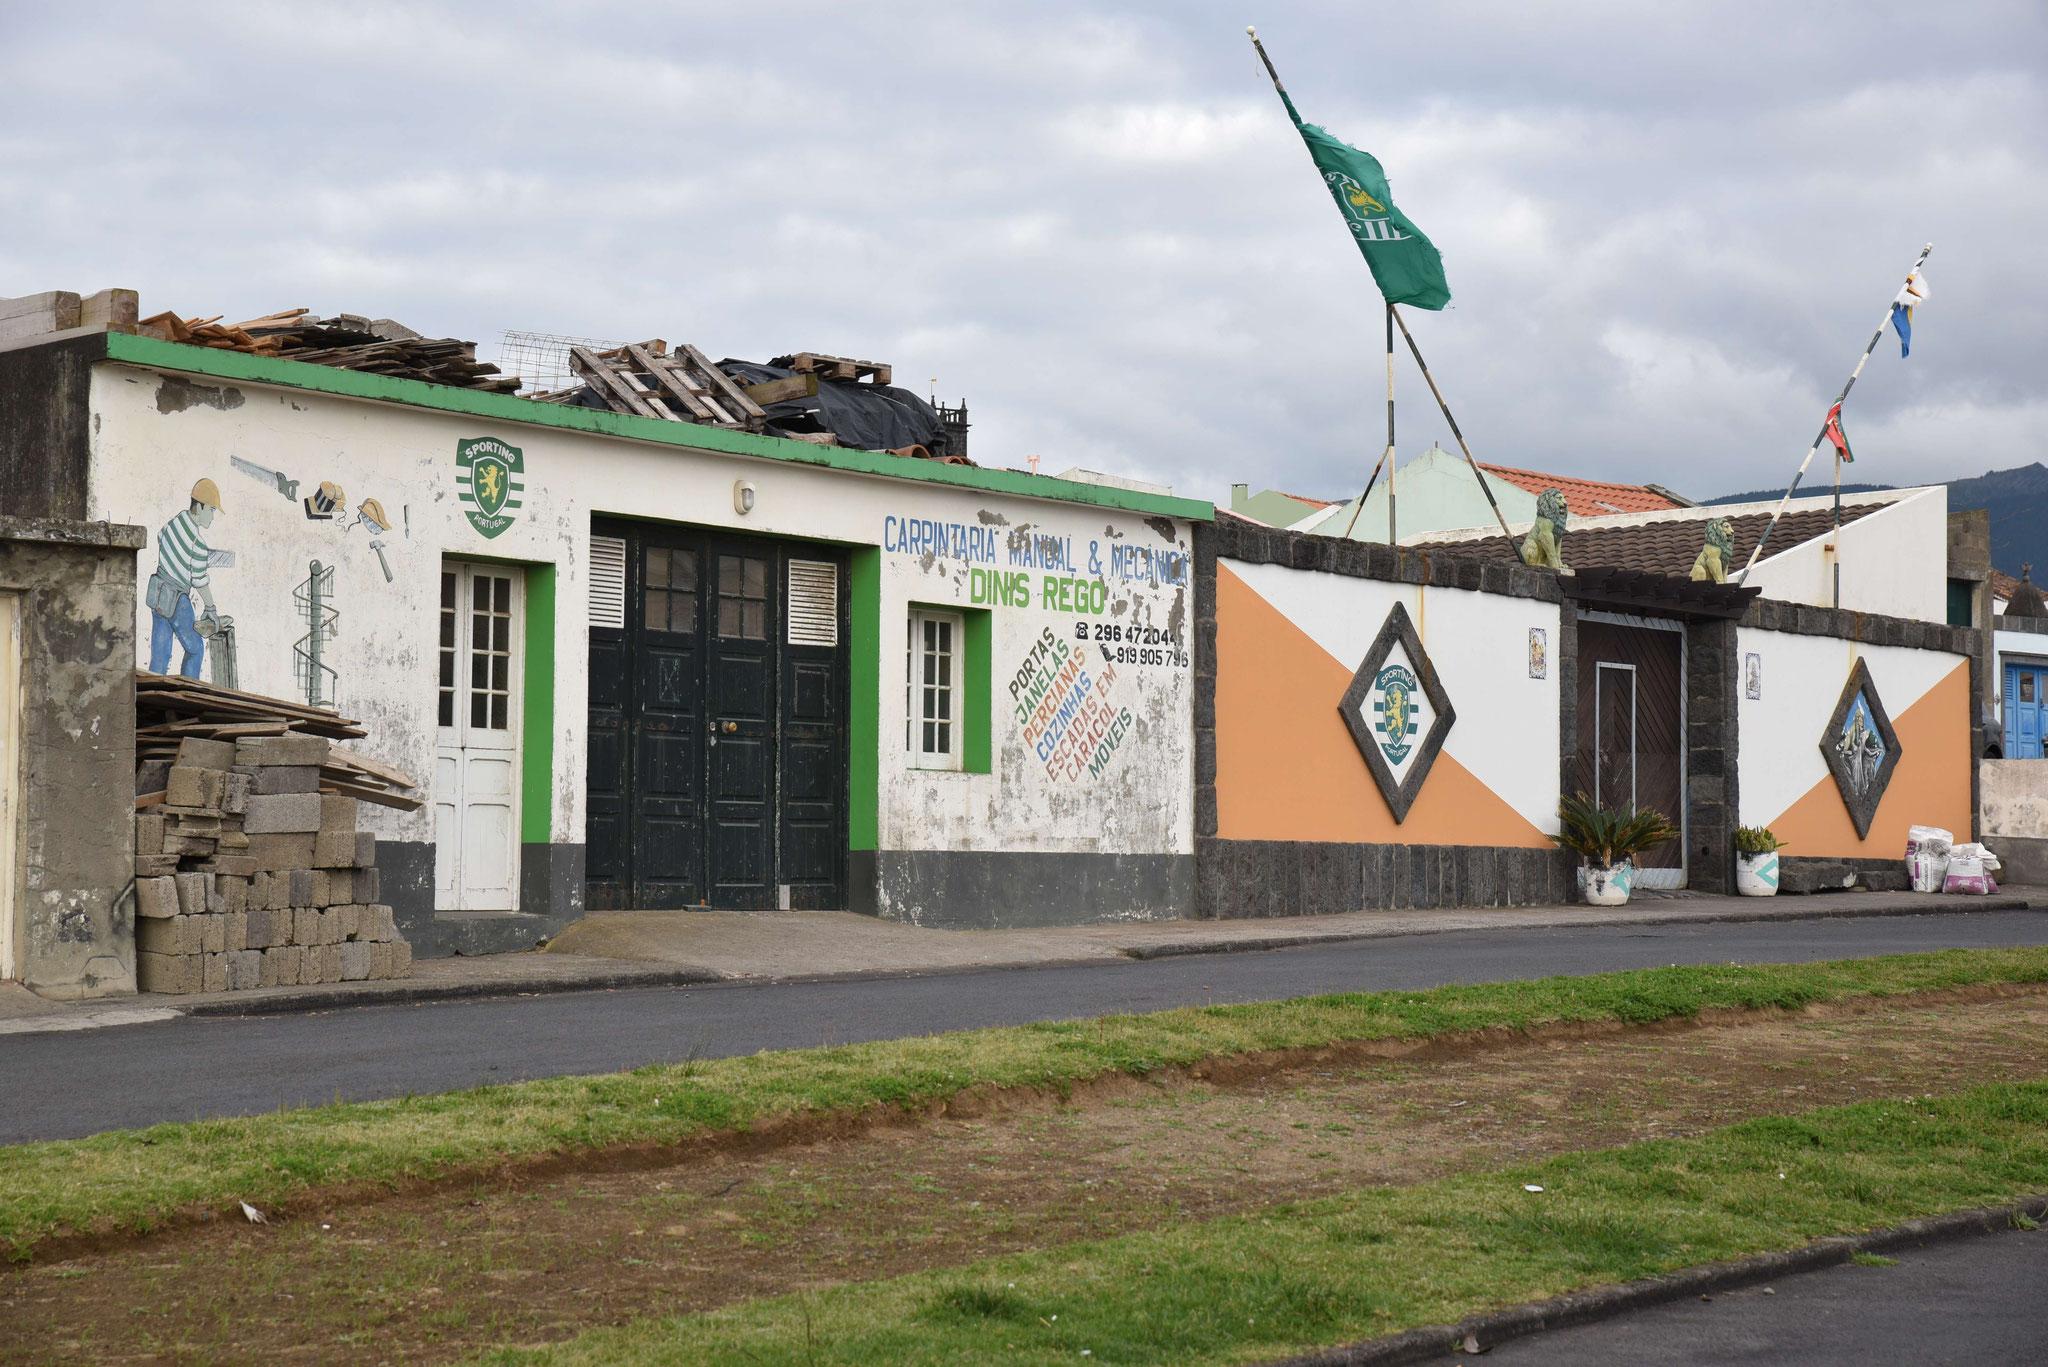 Das Dach wird mitbenutzt und die Häuser dienen als Werbefläche